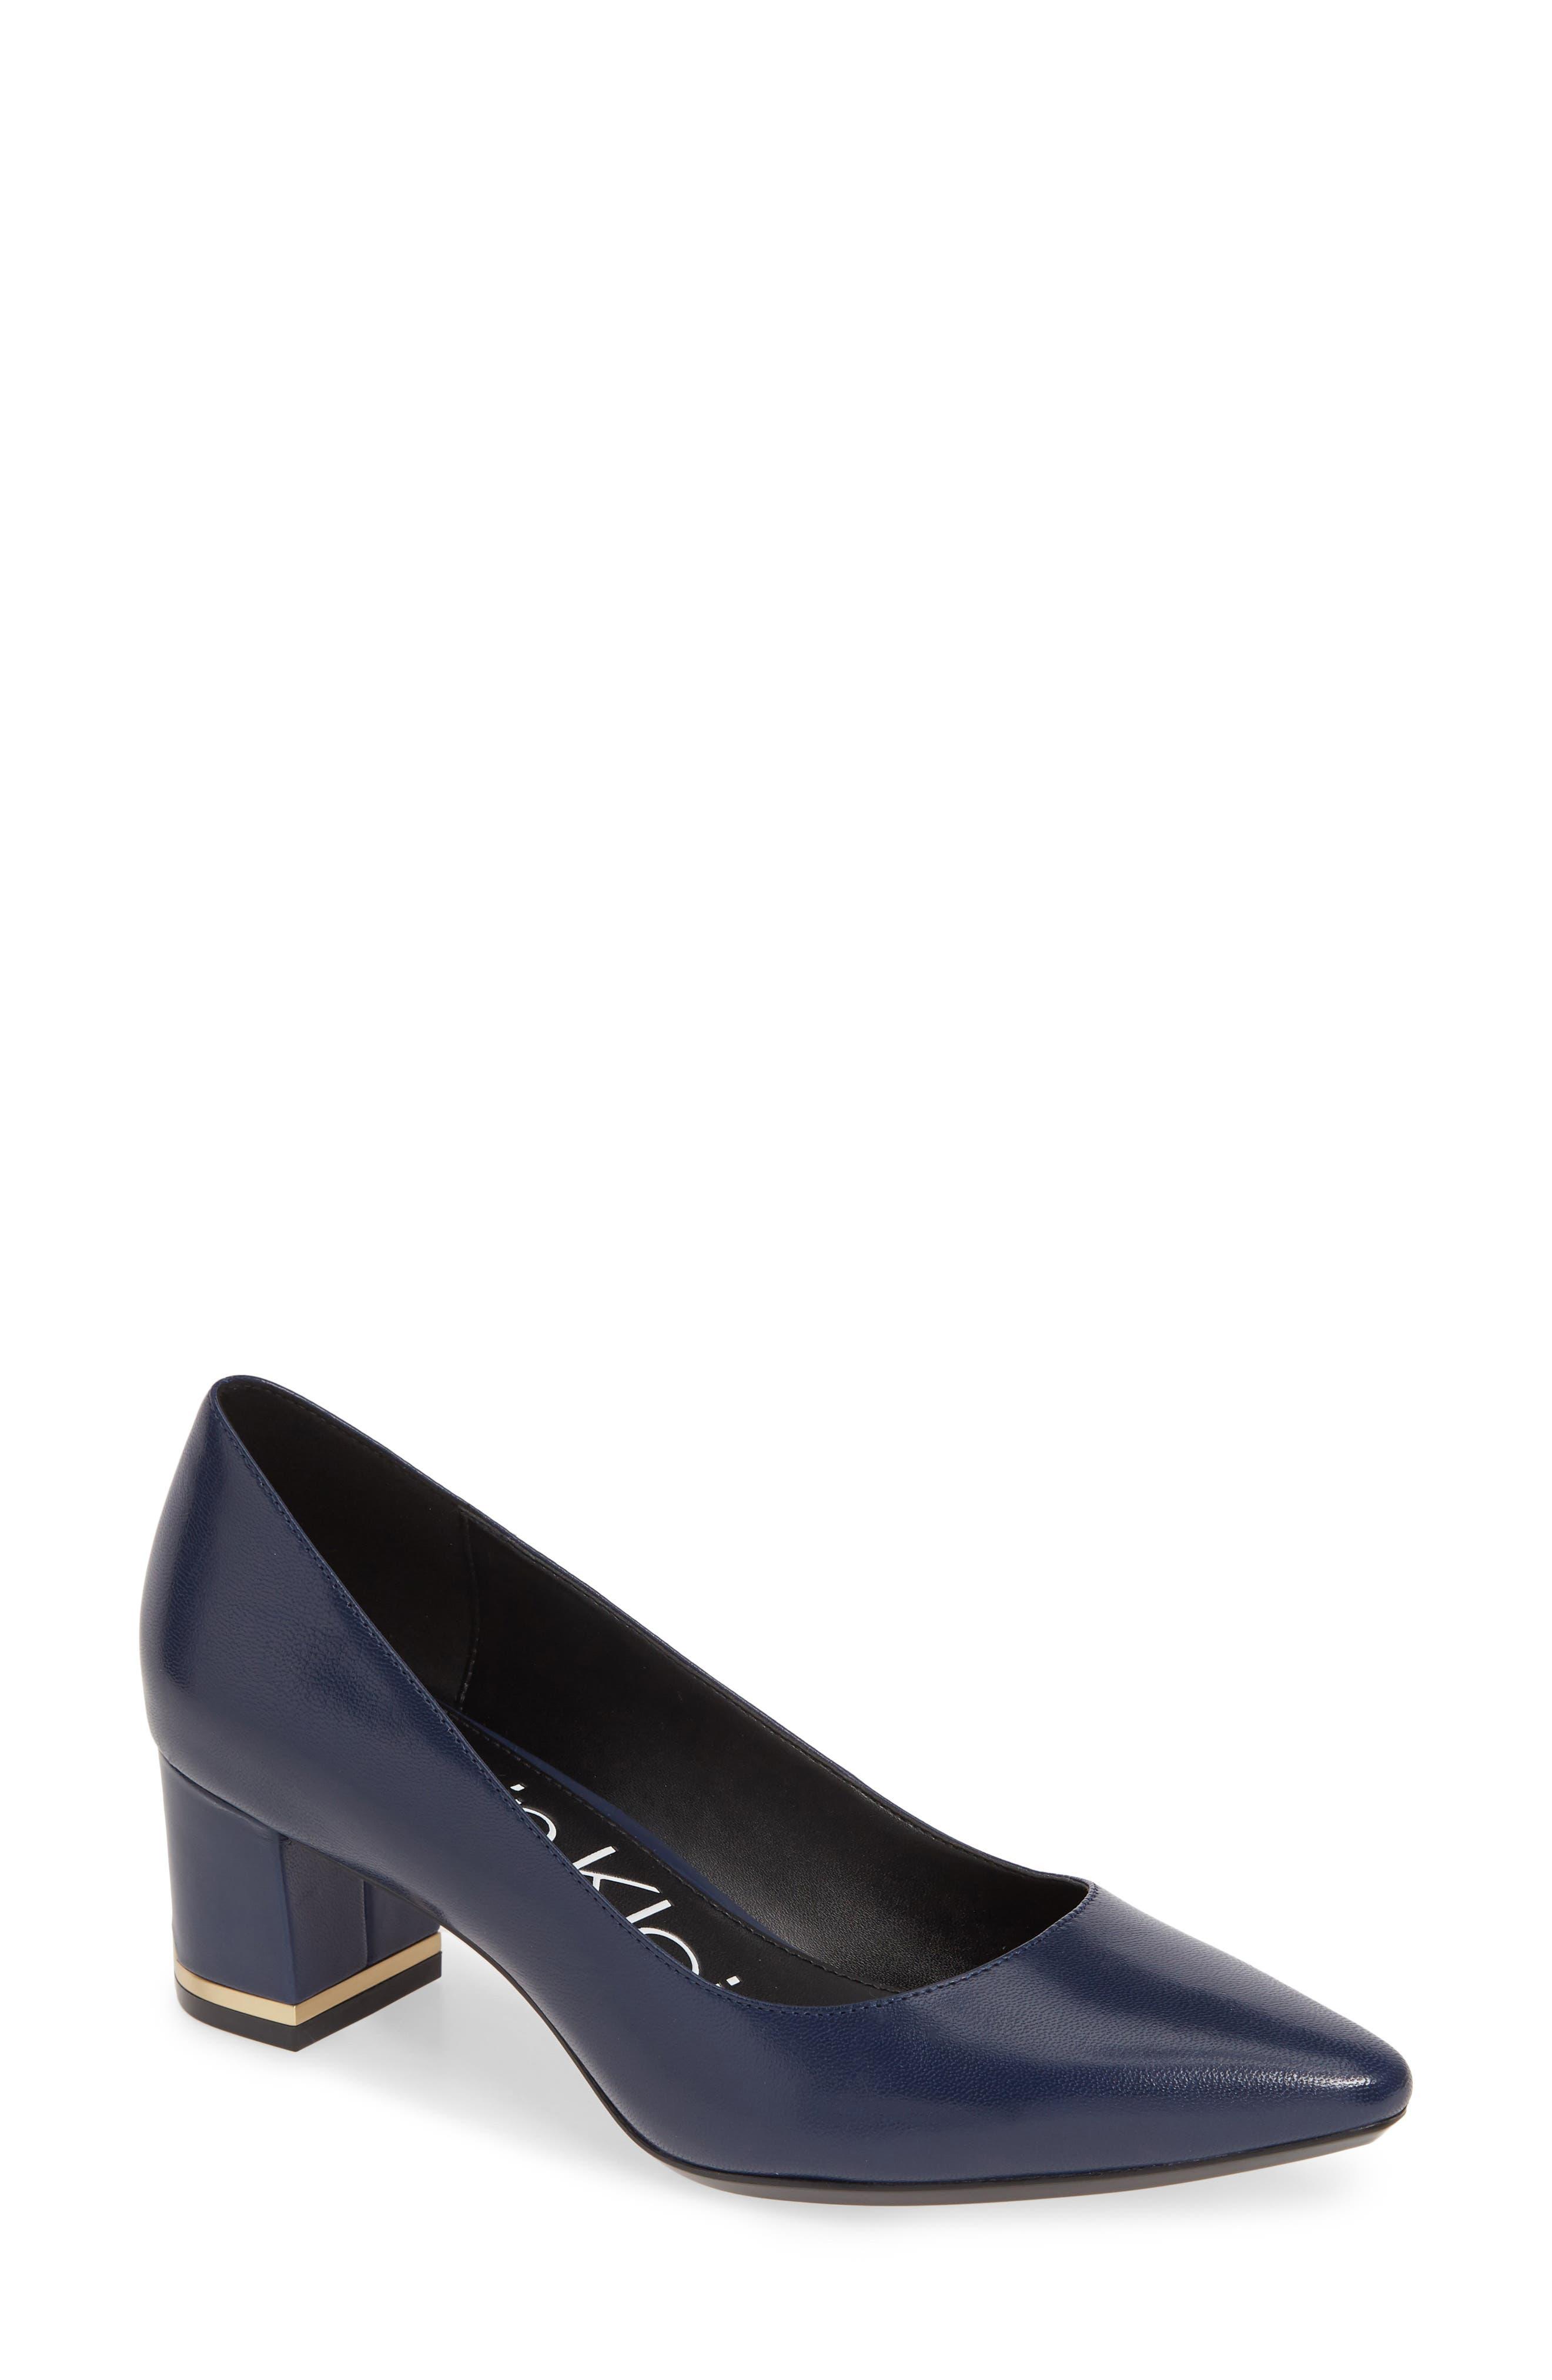 calvin klein shoes online usa